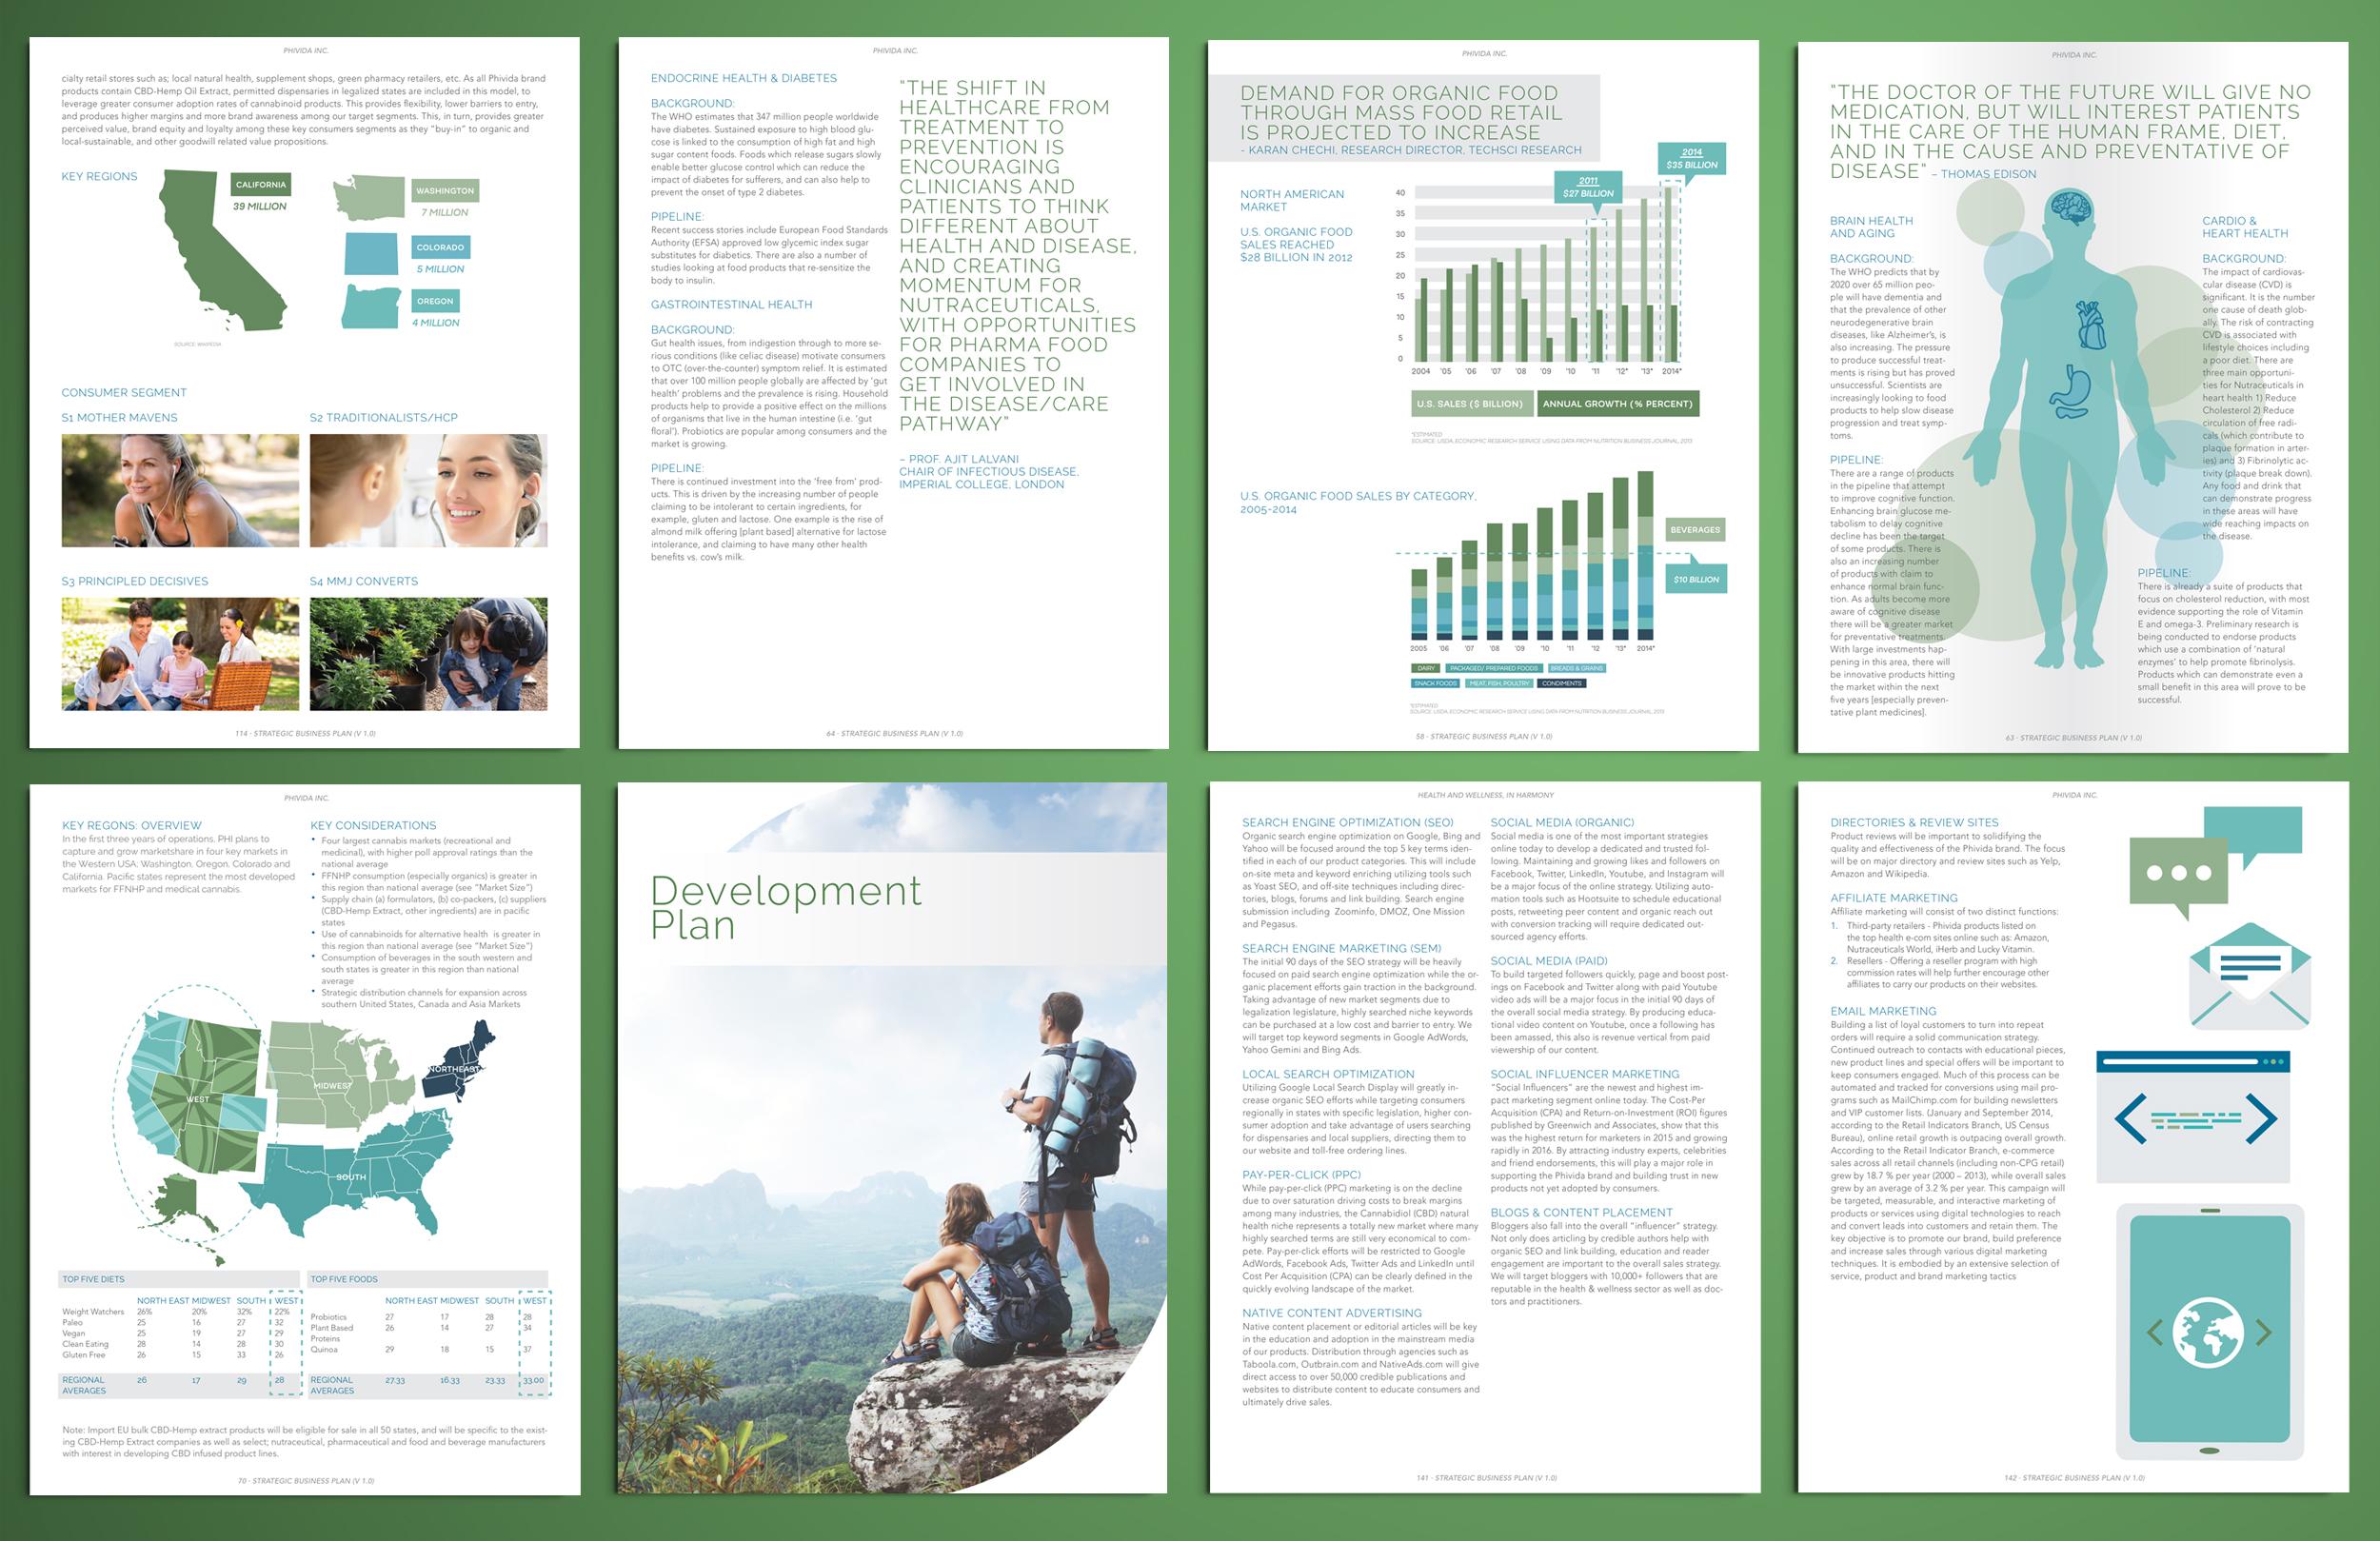 katelynbishop_design_phivida_businessplan3